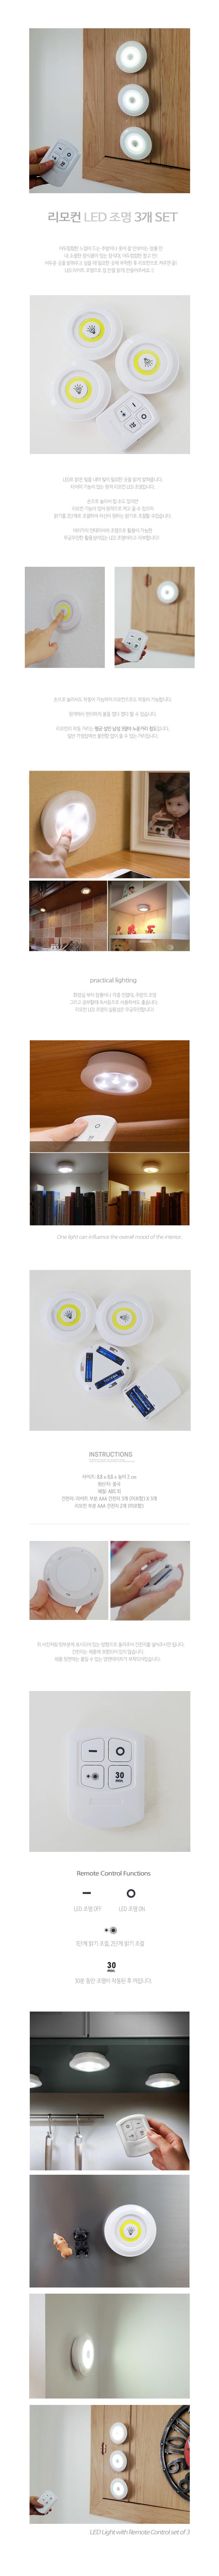 리모컨 LED 조명 3개세트 - 진바스, 15,000원, 리빙조명, 방등/천장등